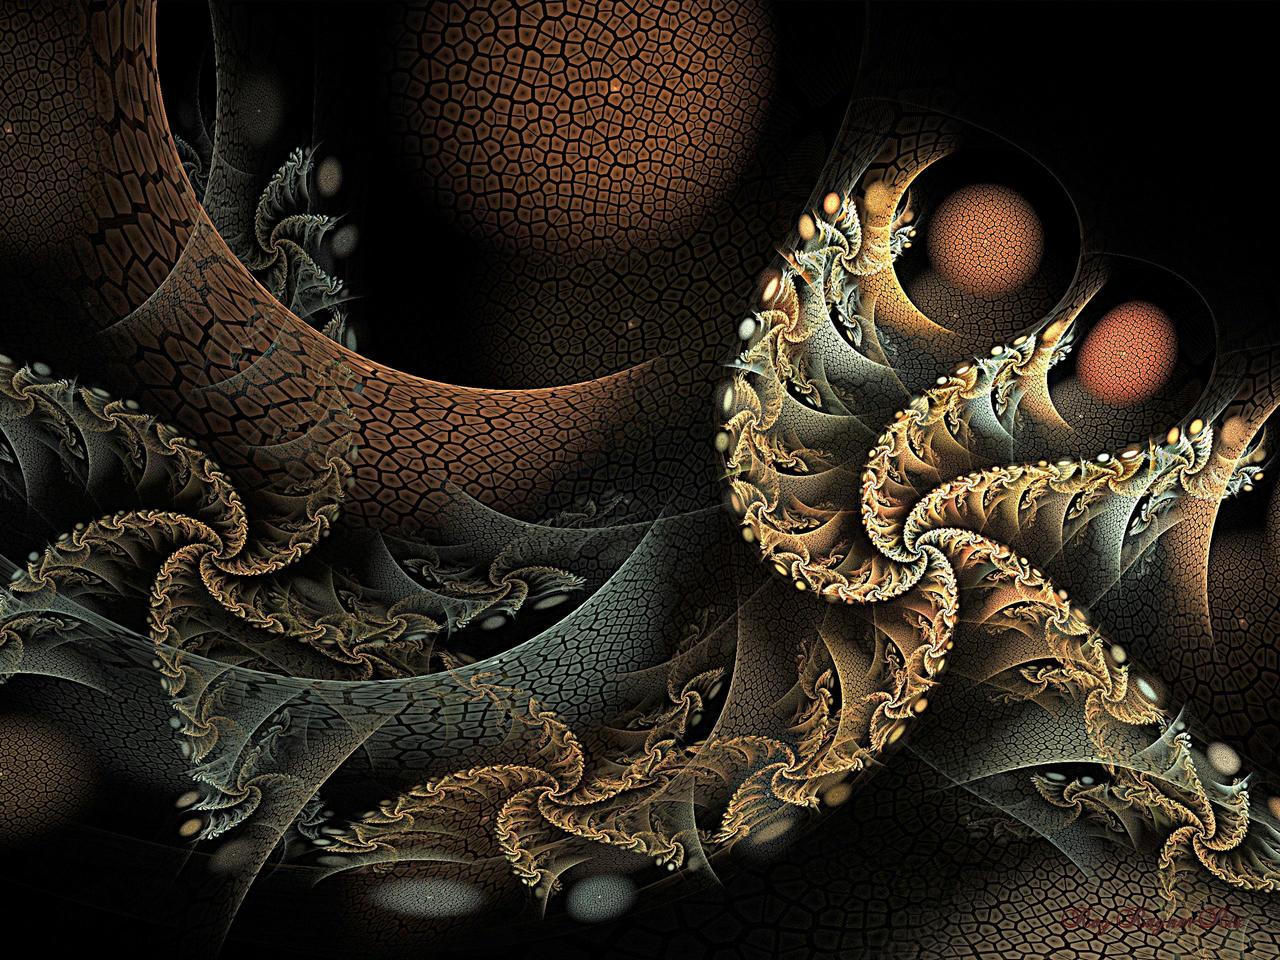 Sleepy Swirls by Rozrr